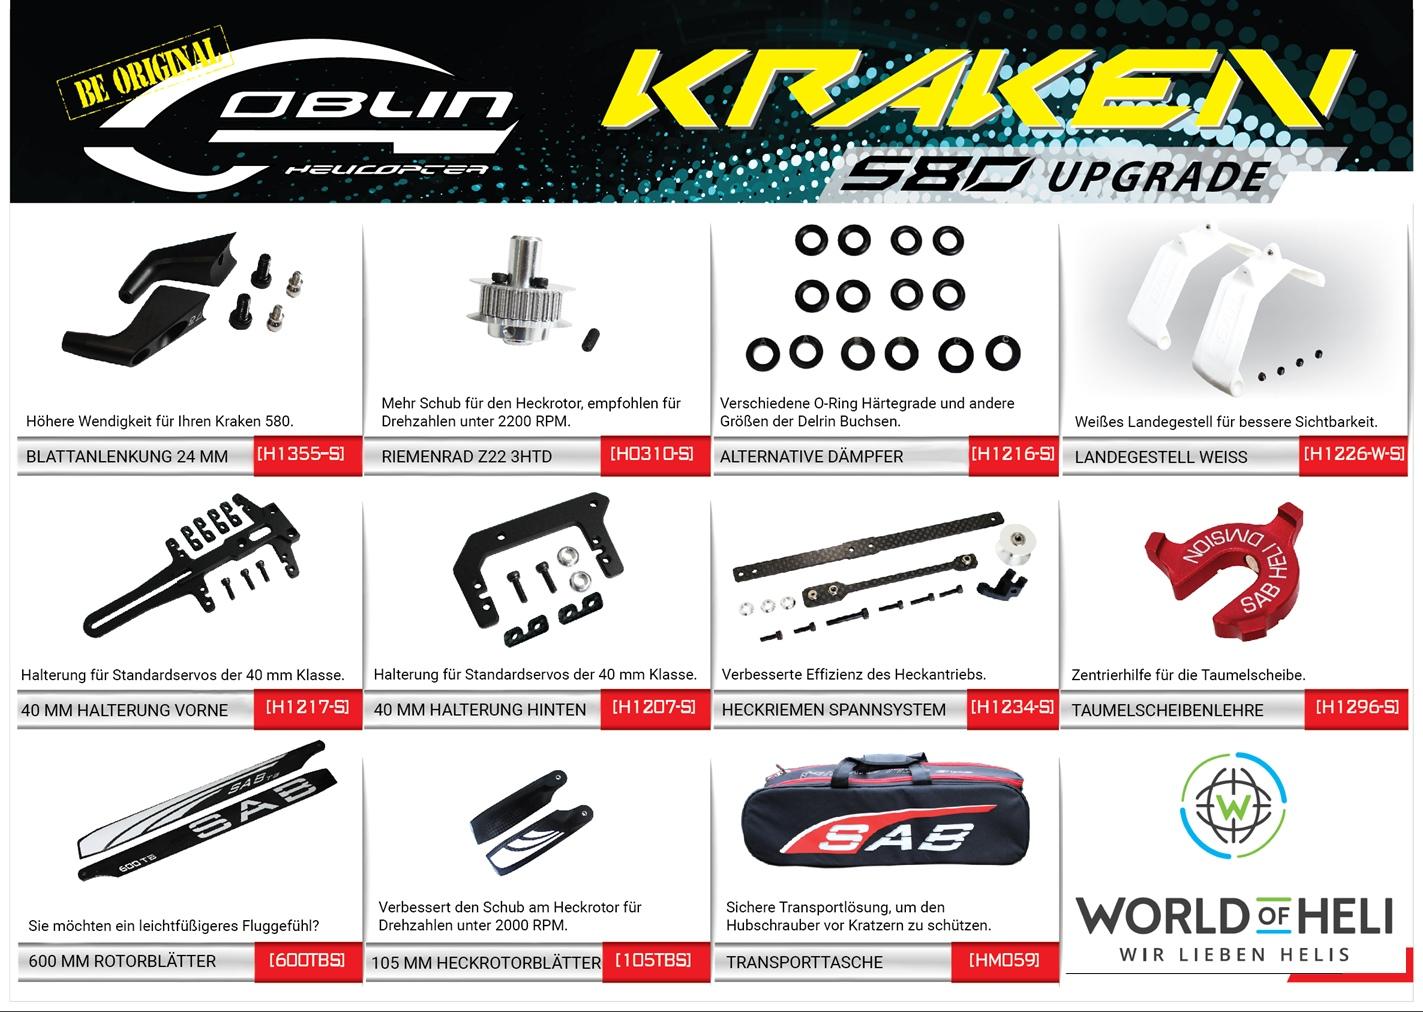 upgrade-kraken-580-deutsch-woh-2.jpg